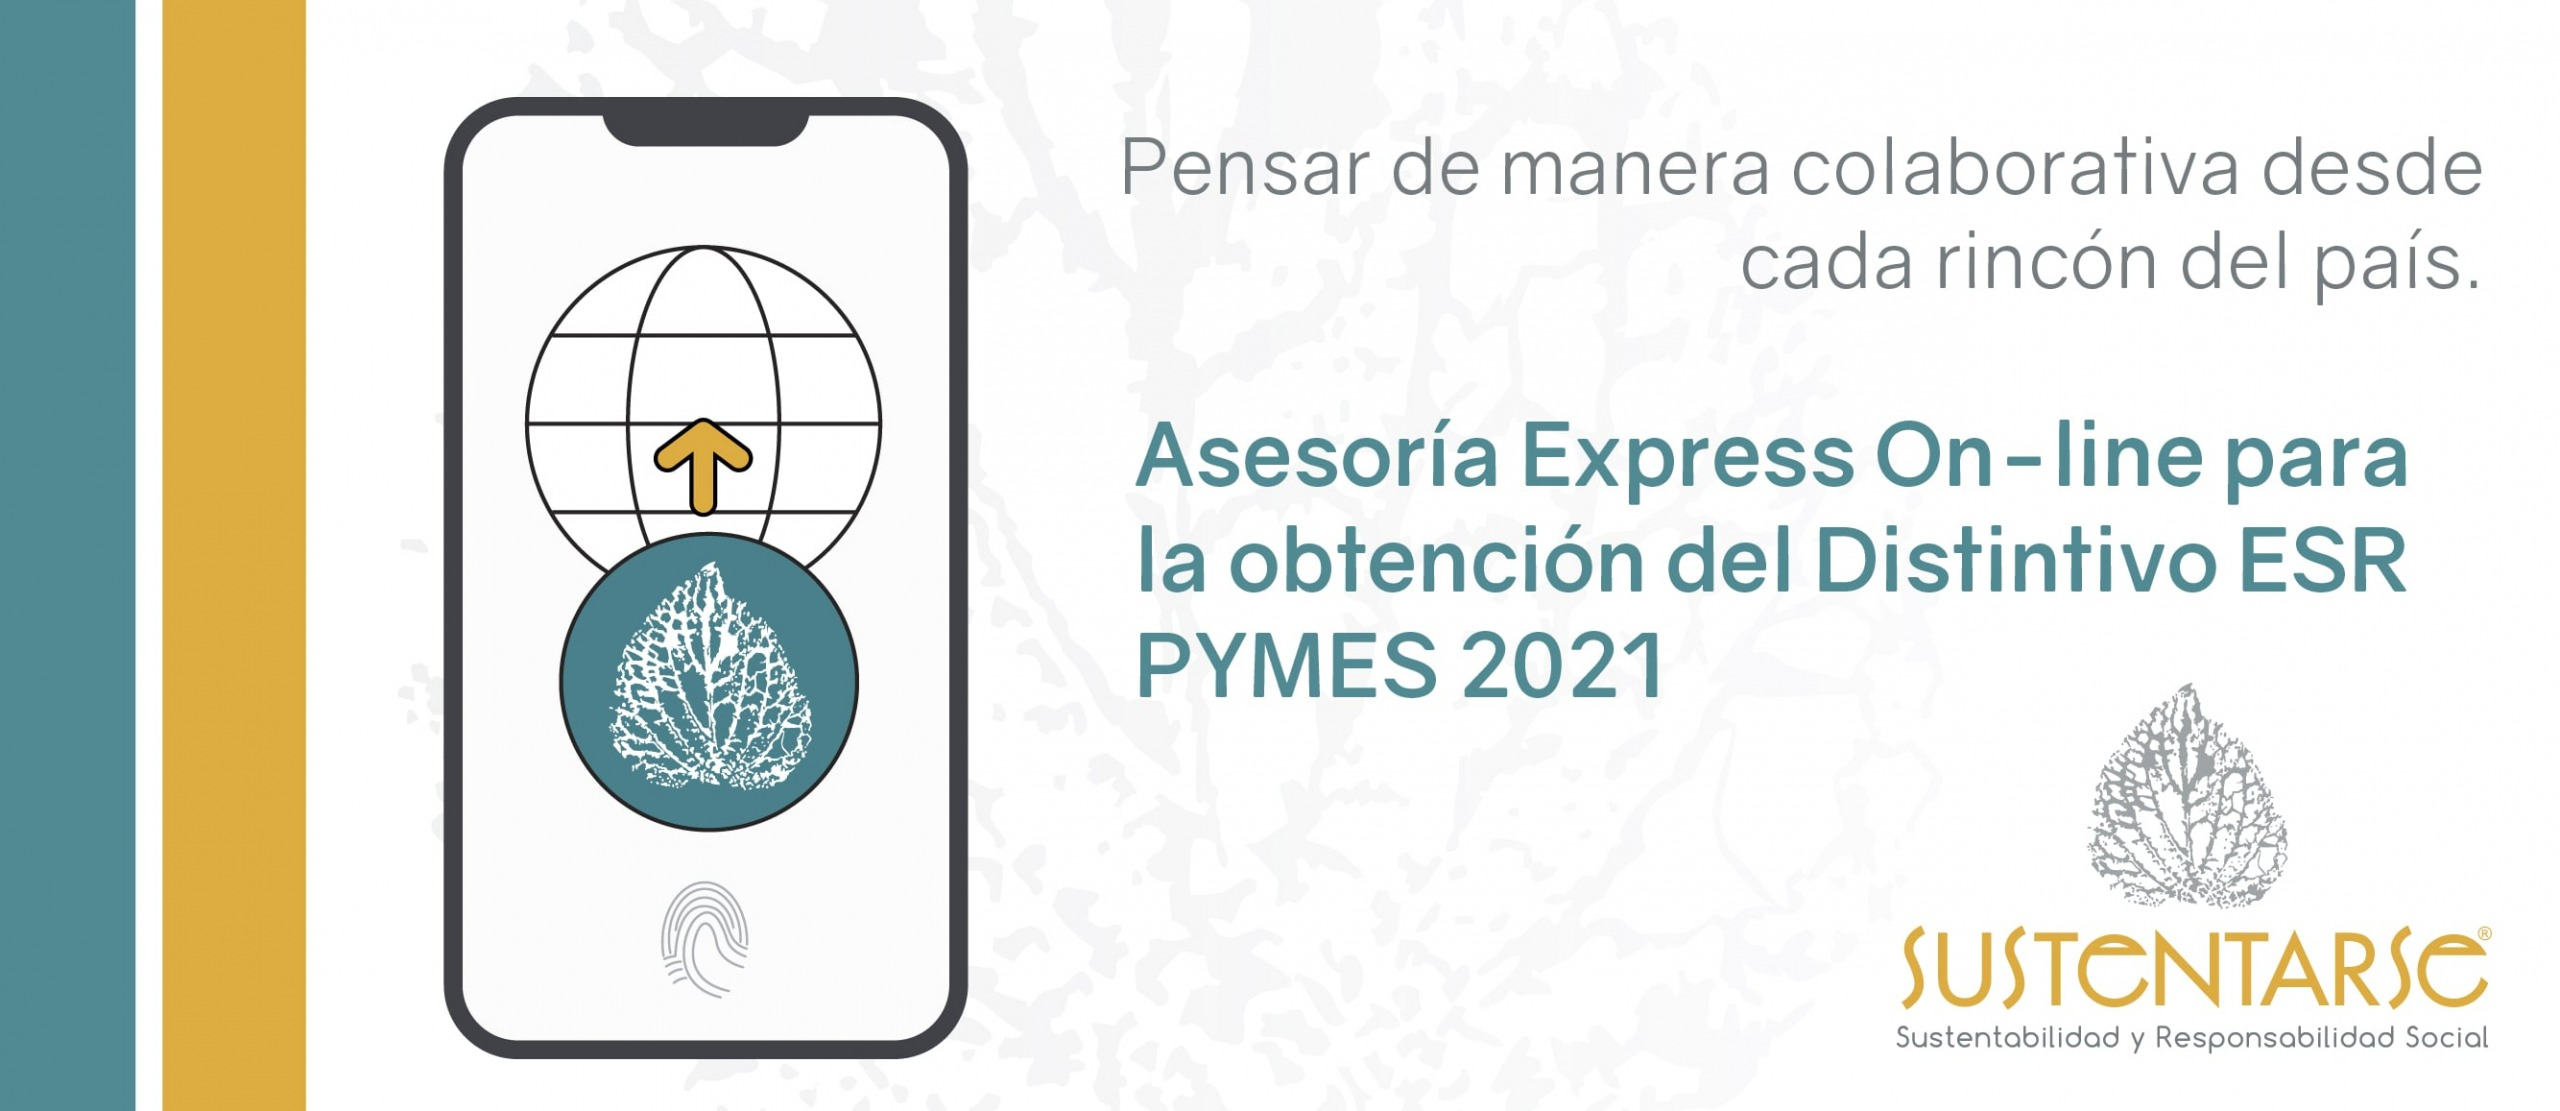 sustentarse_La Constitución de Empresas en México